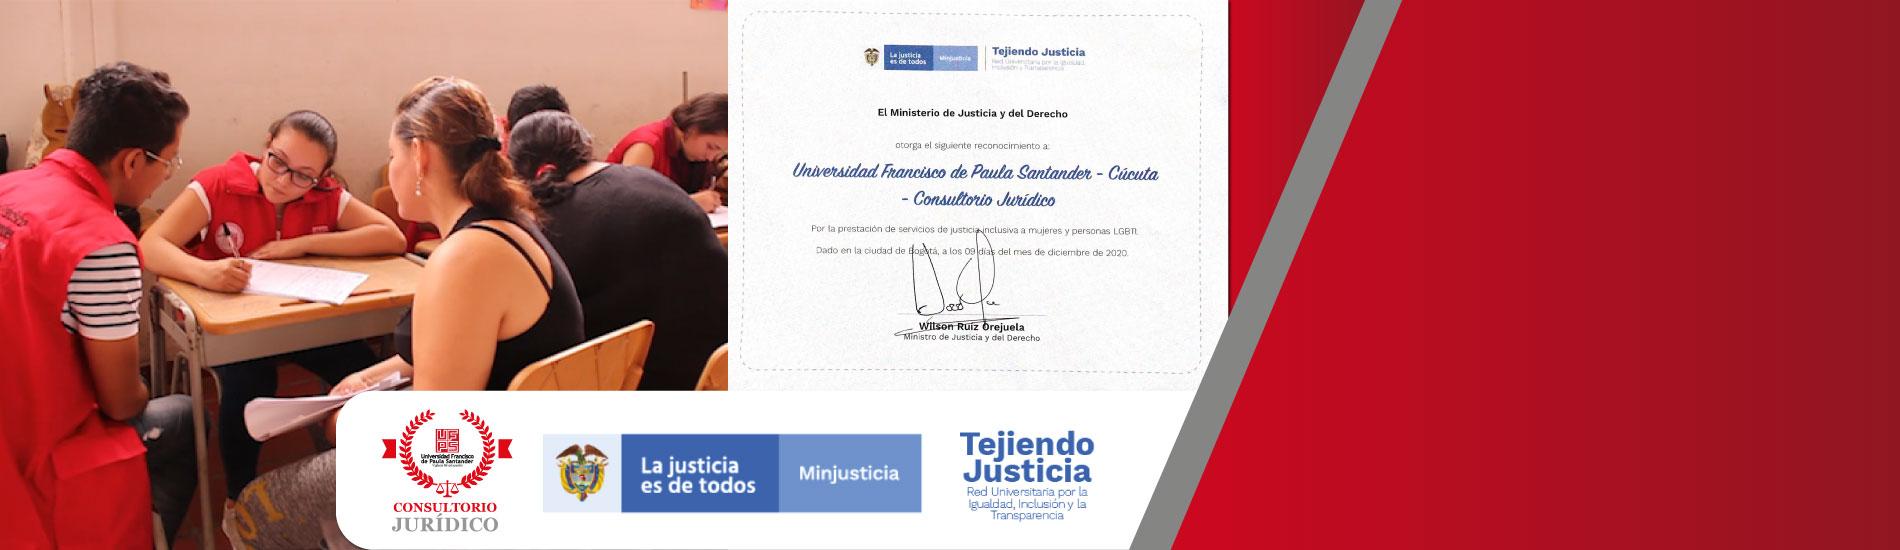 Consultorio Jurídico UFPS obtiene certificación como consultorio inclusivo en género y discapacidad